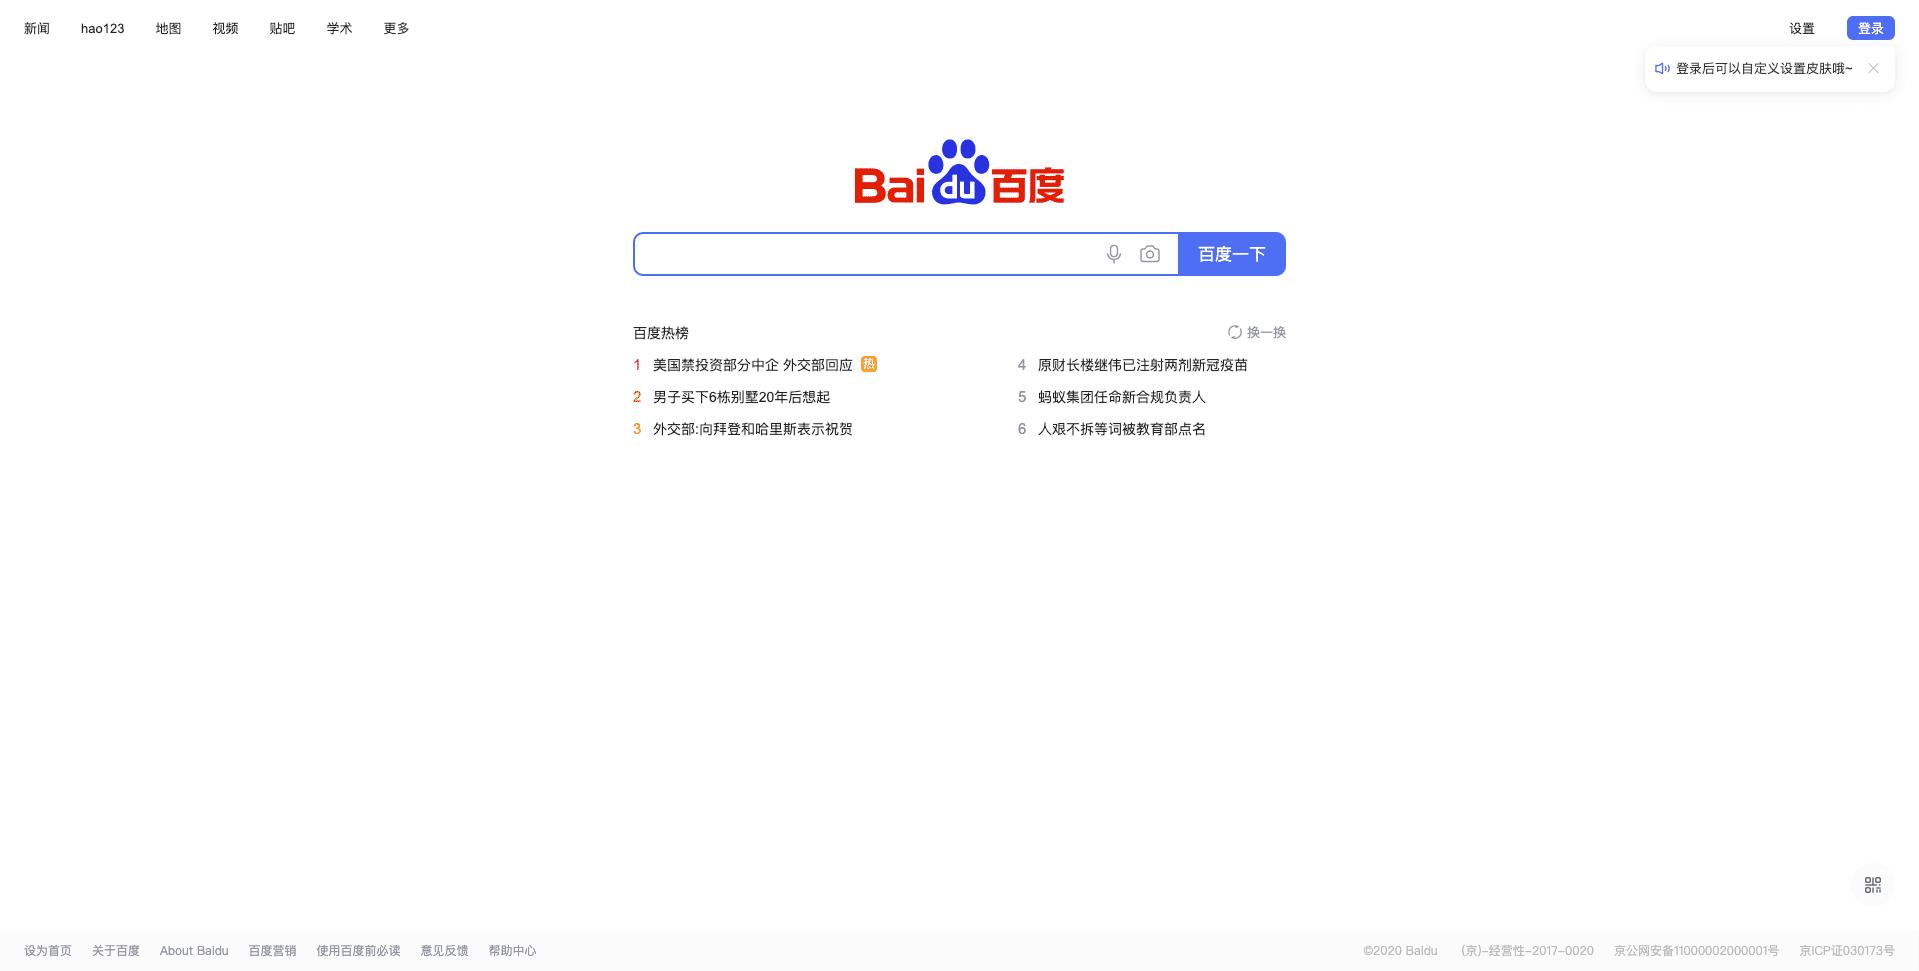 Baidu.com